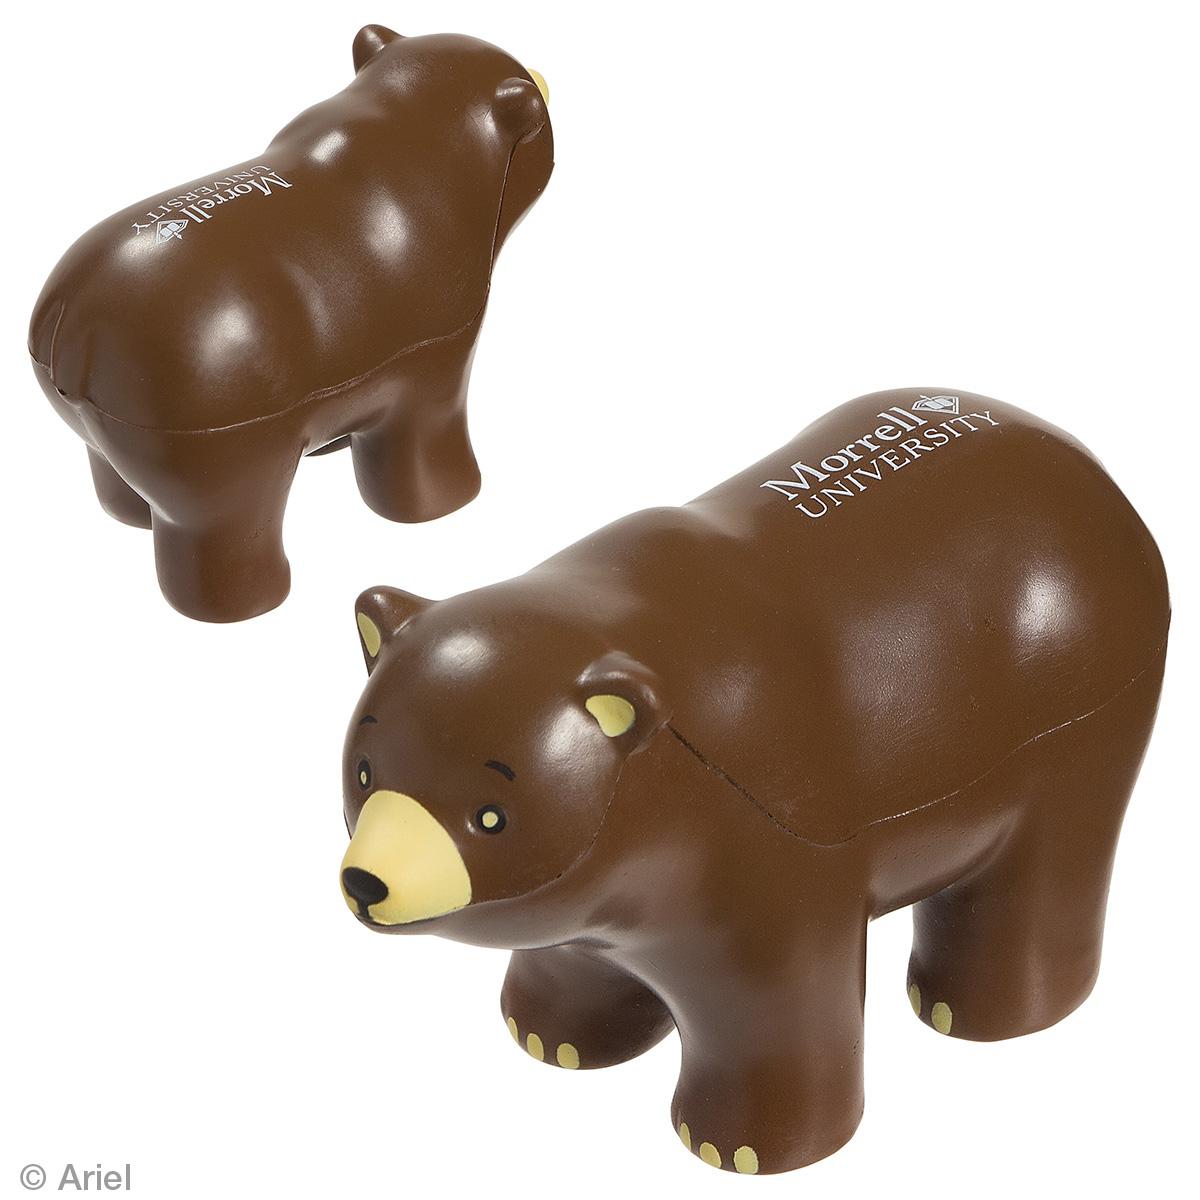 Bear Stress Reliever, LAZ-BR09, 1 Colour Imprint